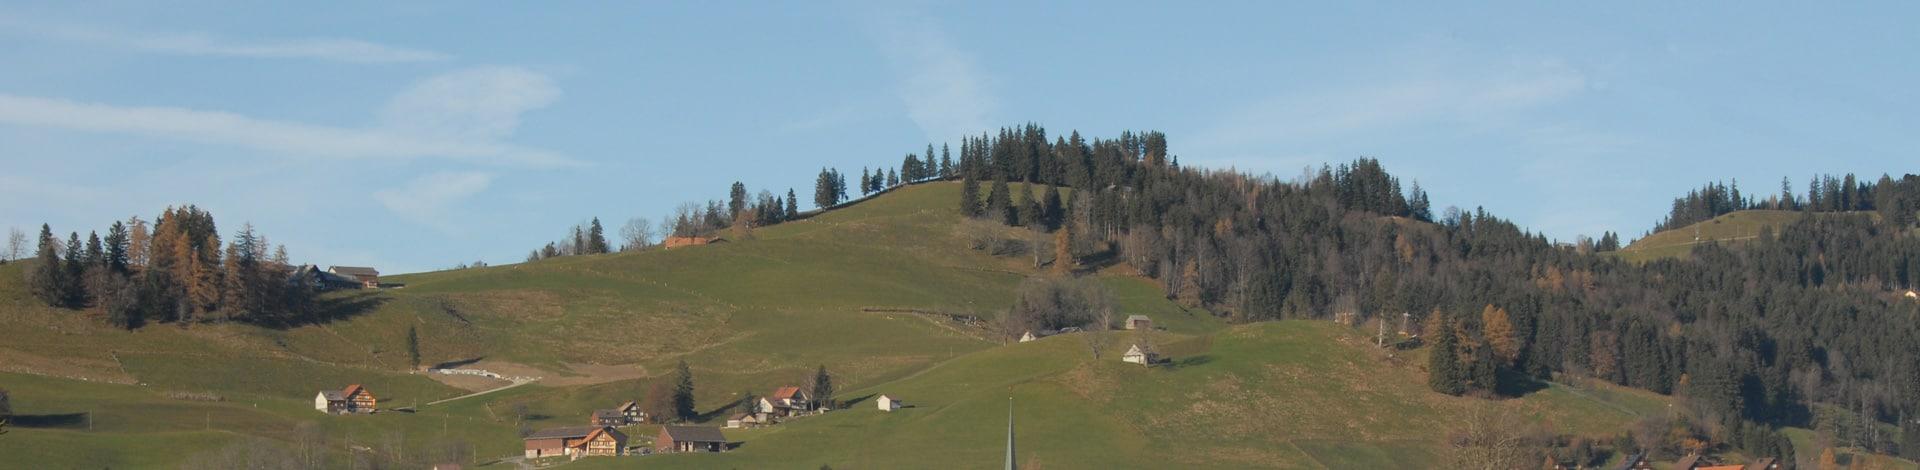 paysage dans la région d'Appenzell Rhodes-Extérieures